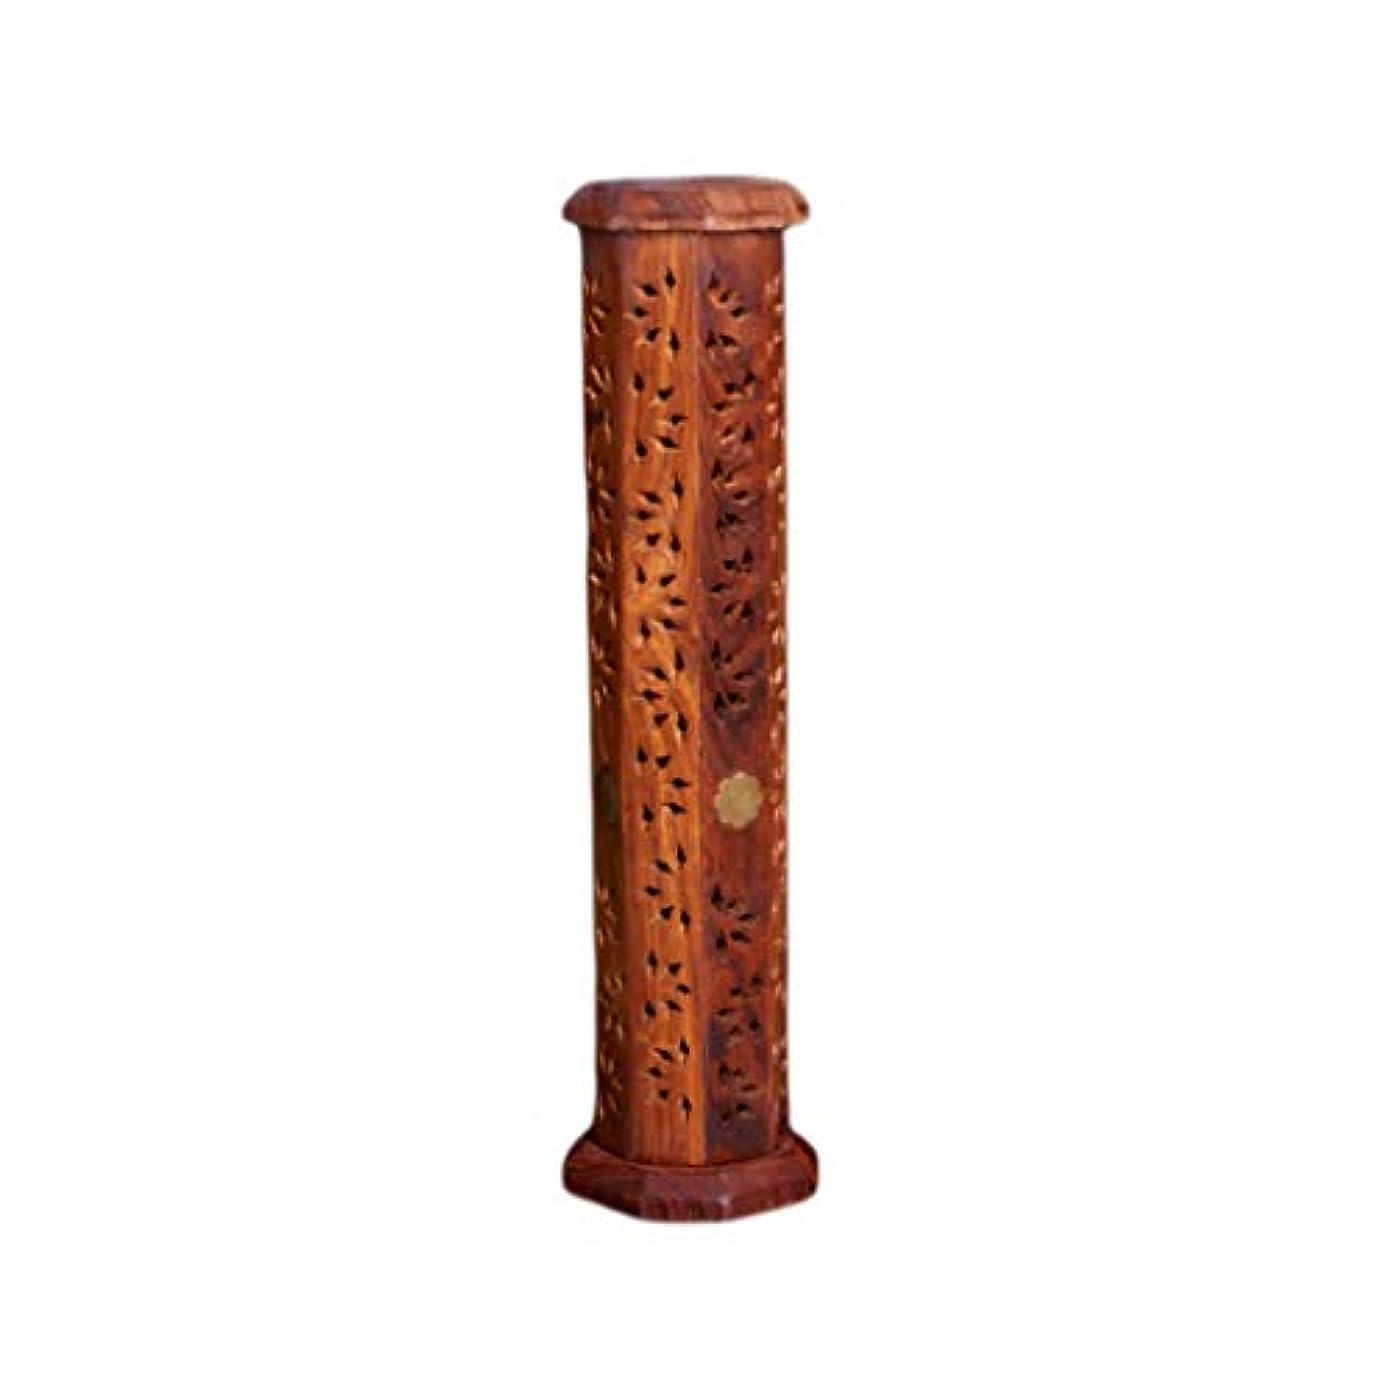 ディーラー推定するベイビーウッドタワー香バーナー透かし彫り仏香スティックコーンバーナーホルダーホームフレグランス装飾香ホルダー (Color : Brown, サイズ : 2.95*12inchs)